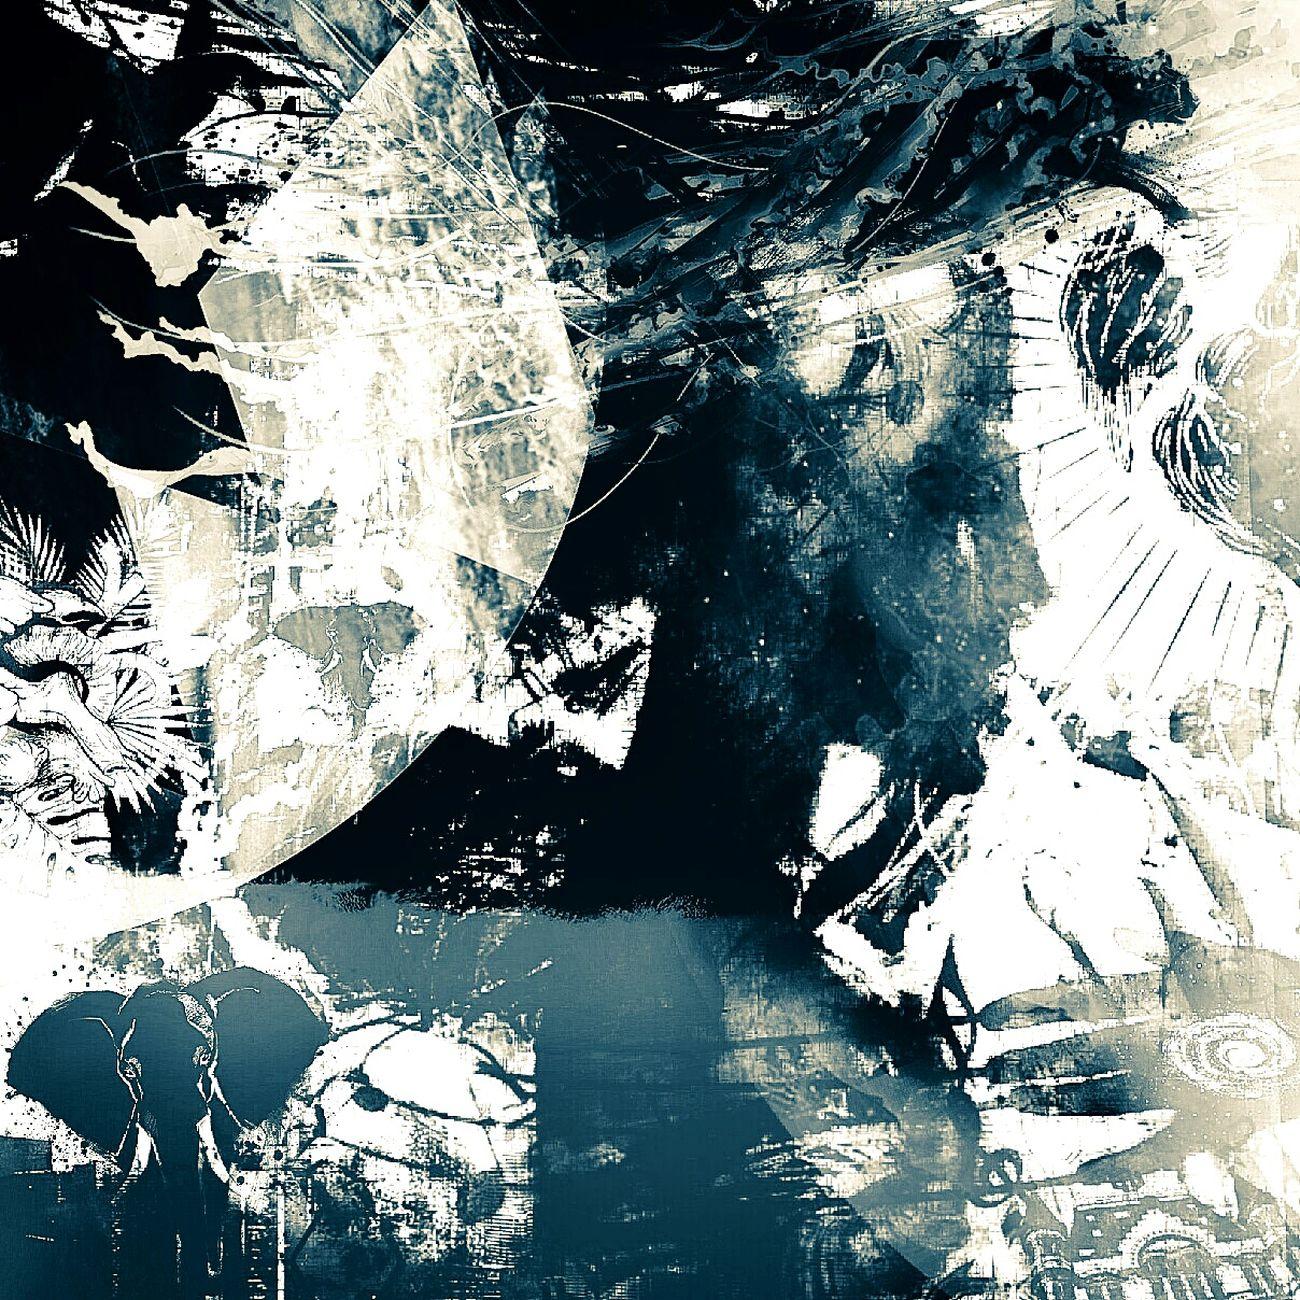 Water One Person Digital Art Entre Ombre Et Lumiere Sphinge Responsibility Multiple Exposures Memoire Freestyle Noir Et Blanc Sûr Que Le Fond Des Cendriers N'est Pas Net